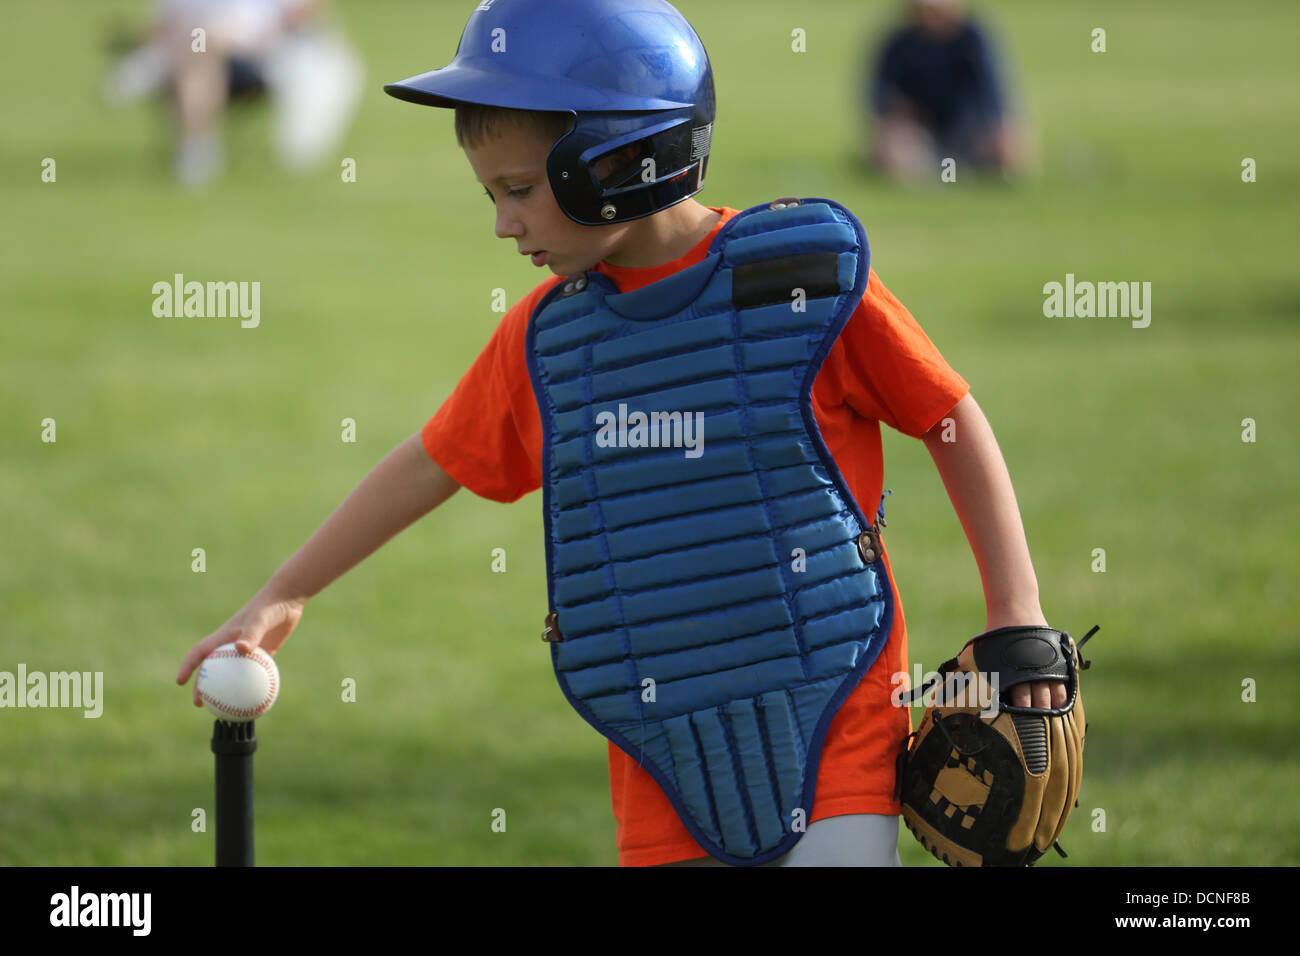 Ragazzo giovane mette a baseball sul raccordo a T Immagini Stock